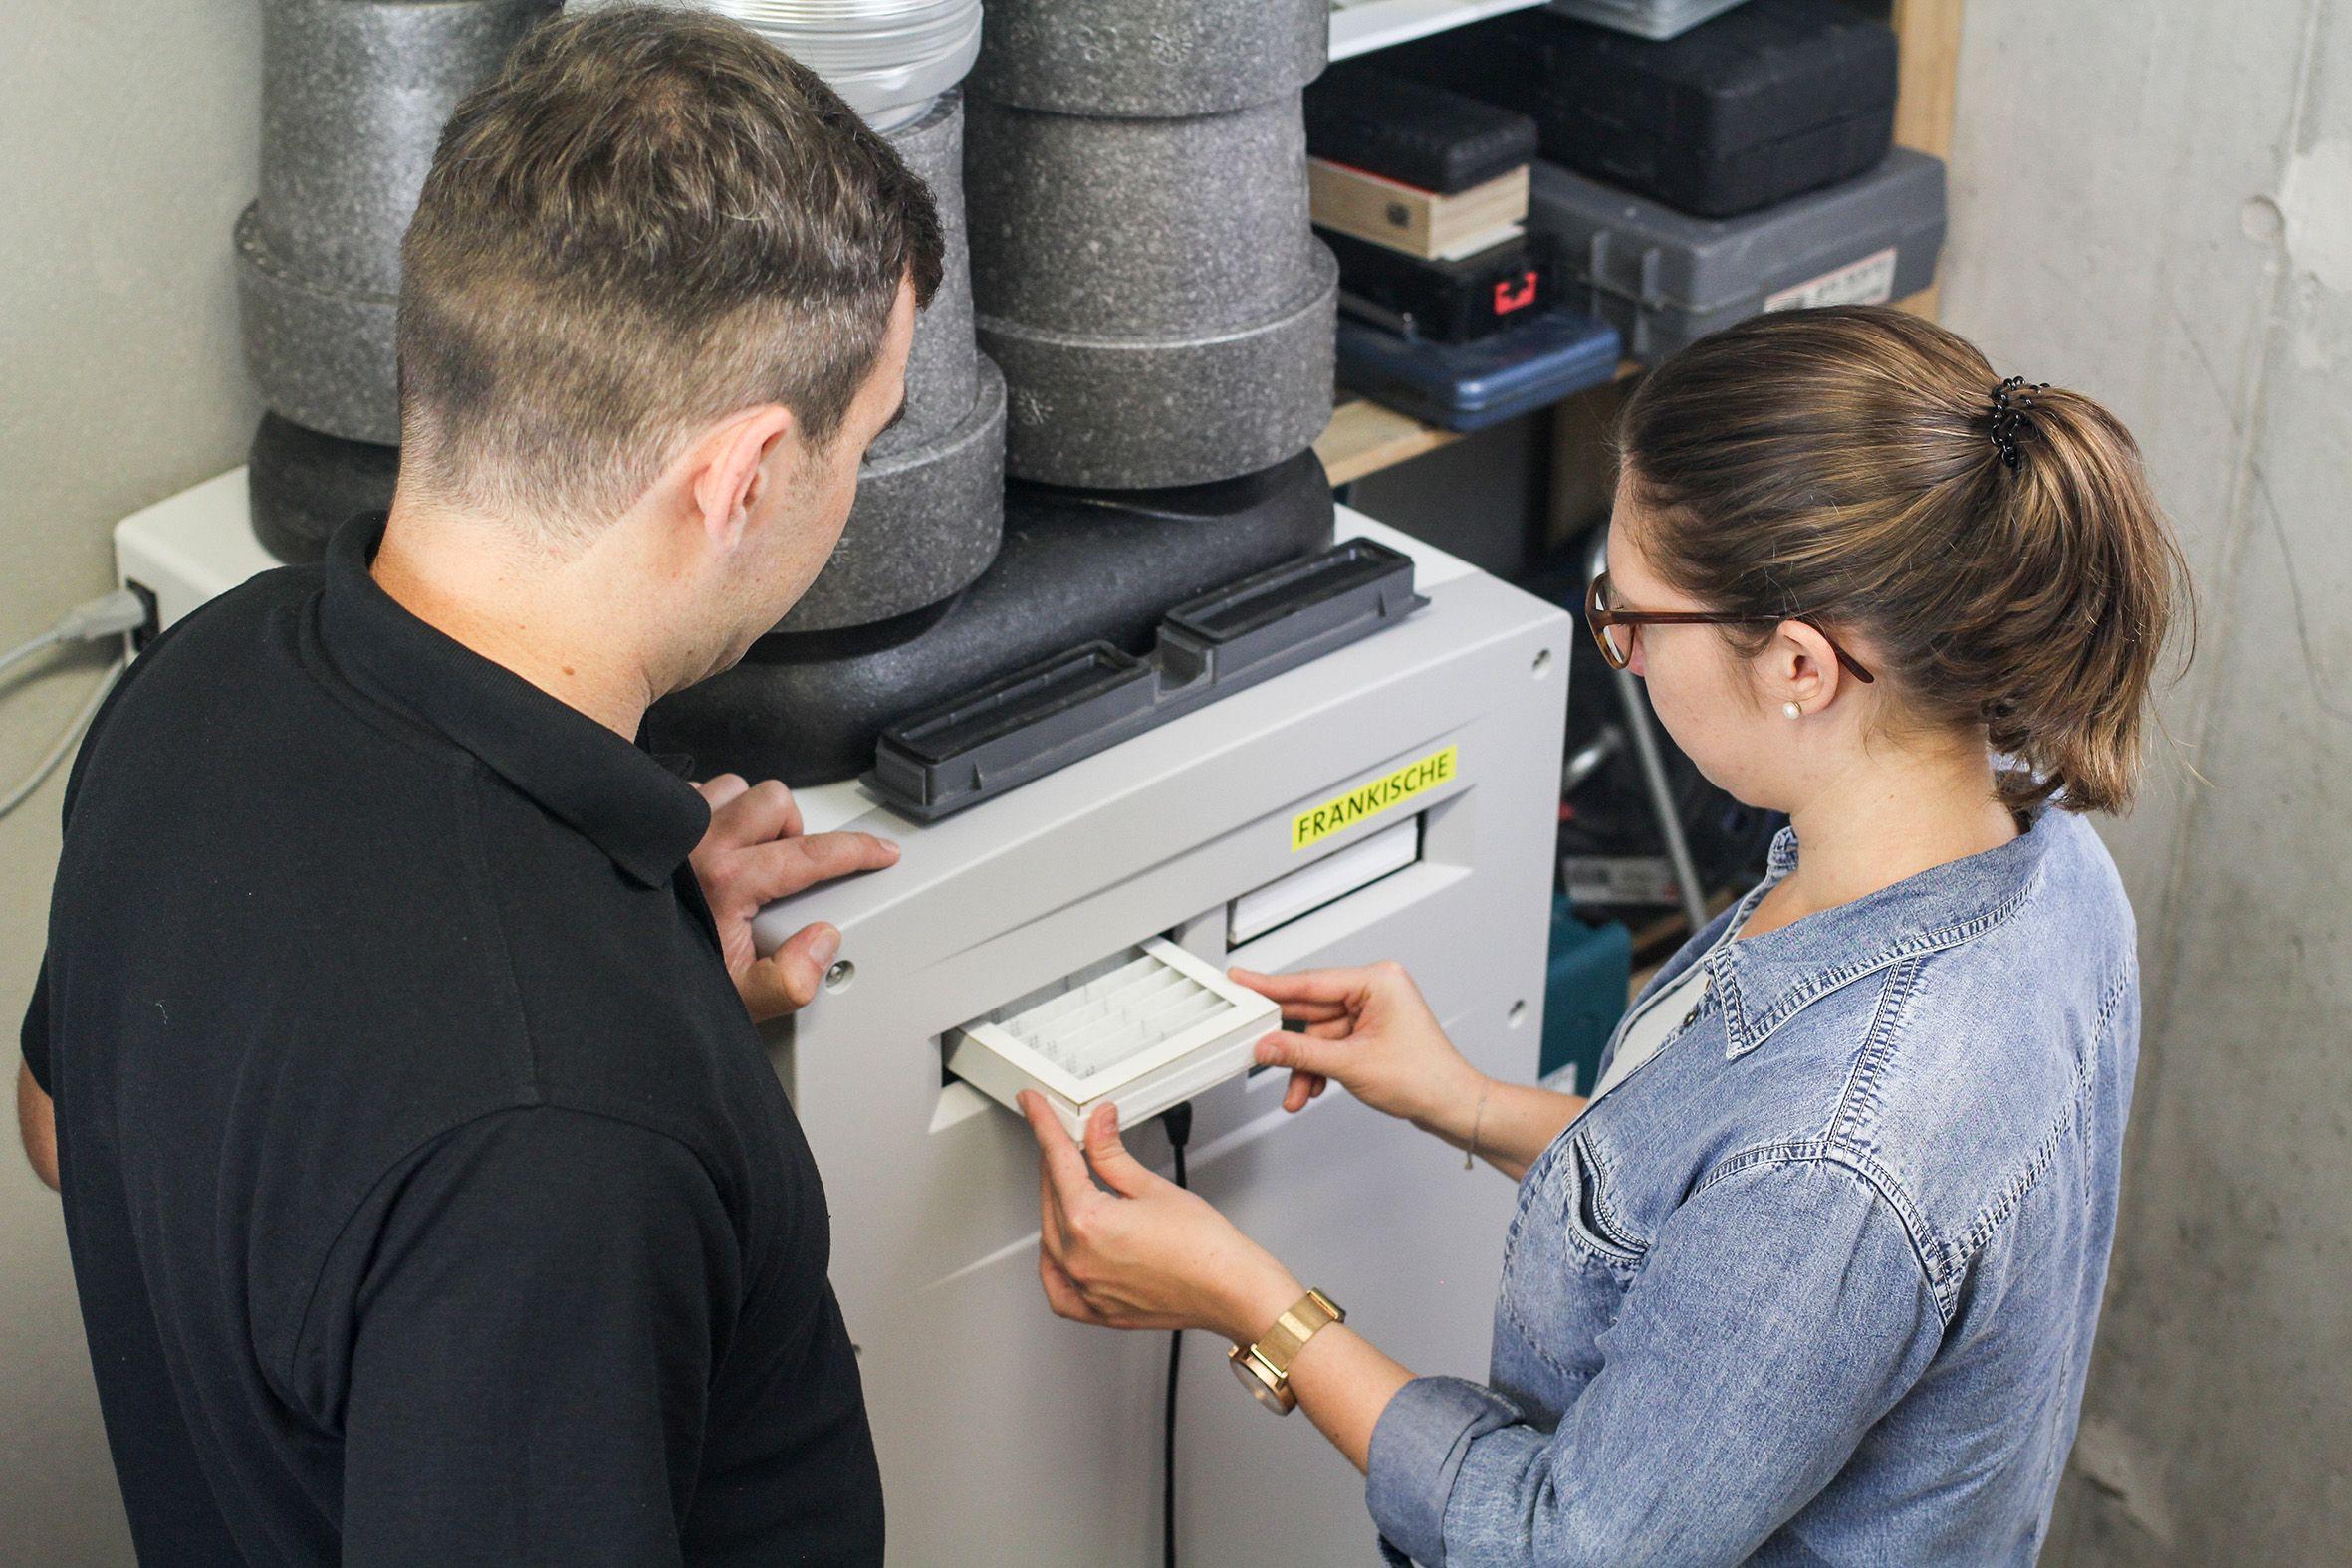 Vdi Luftungsregeln Das Passende Luftfiltersystem Fur Jedes Gebaude Luftung Luftungsanlagen Und Filter